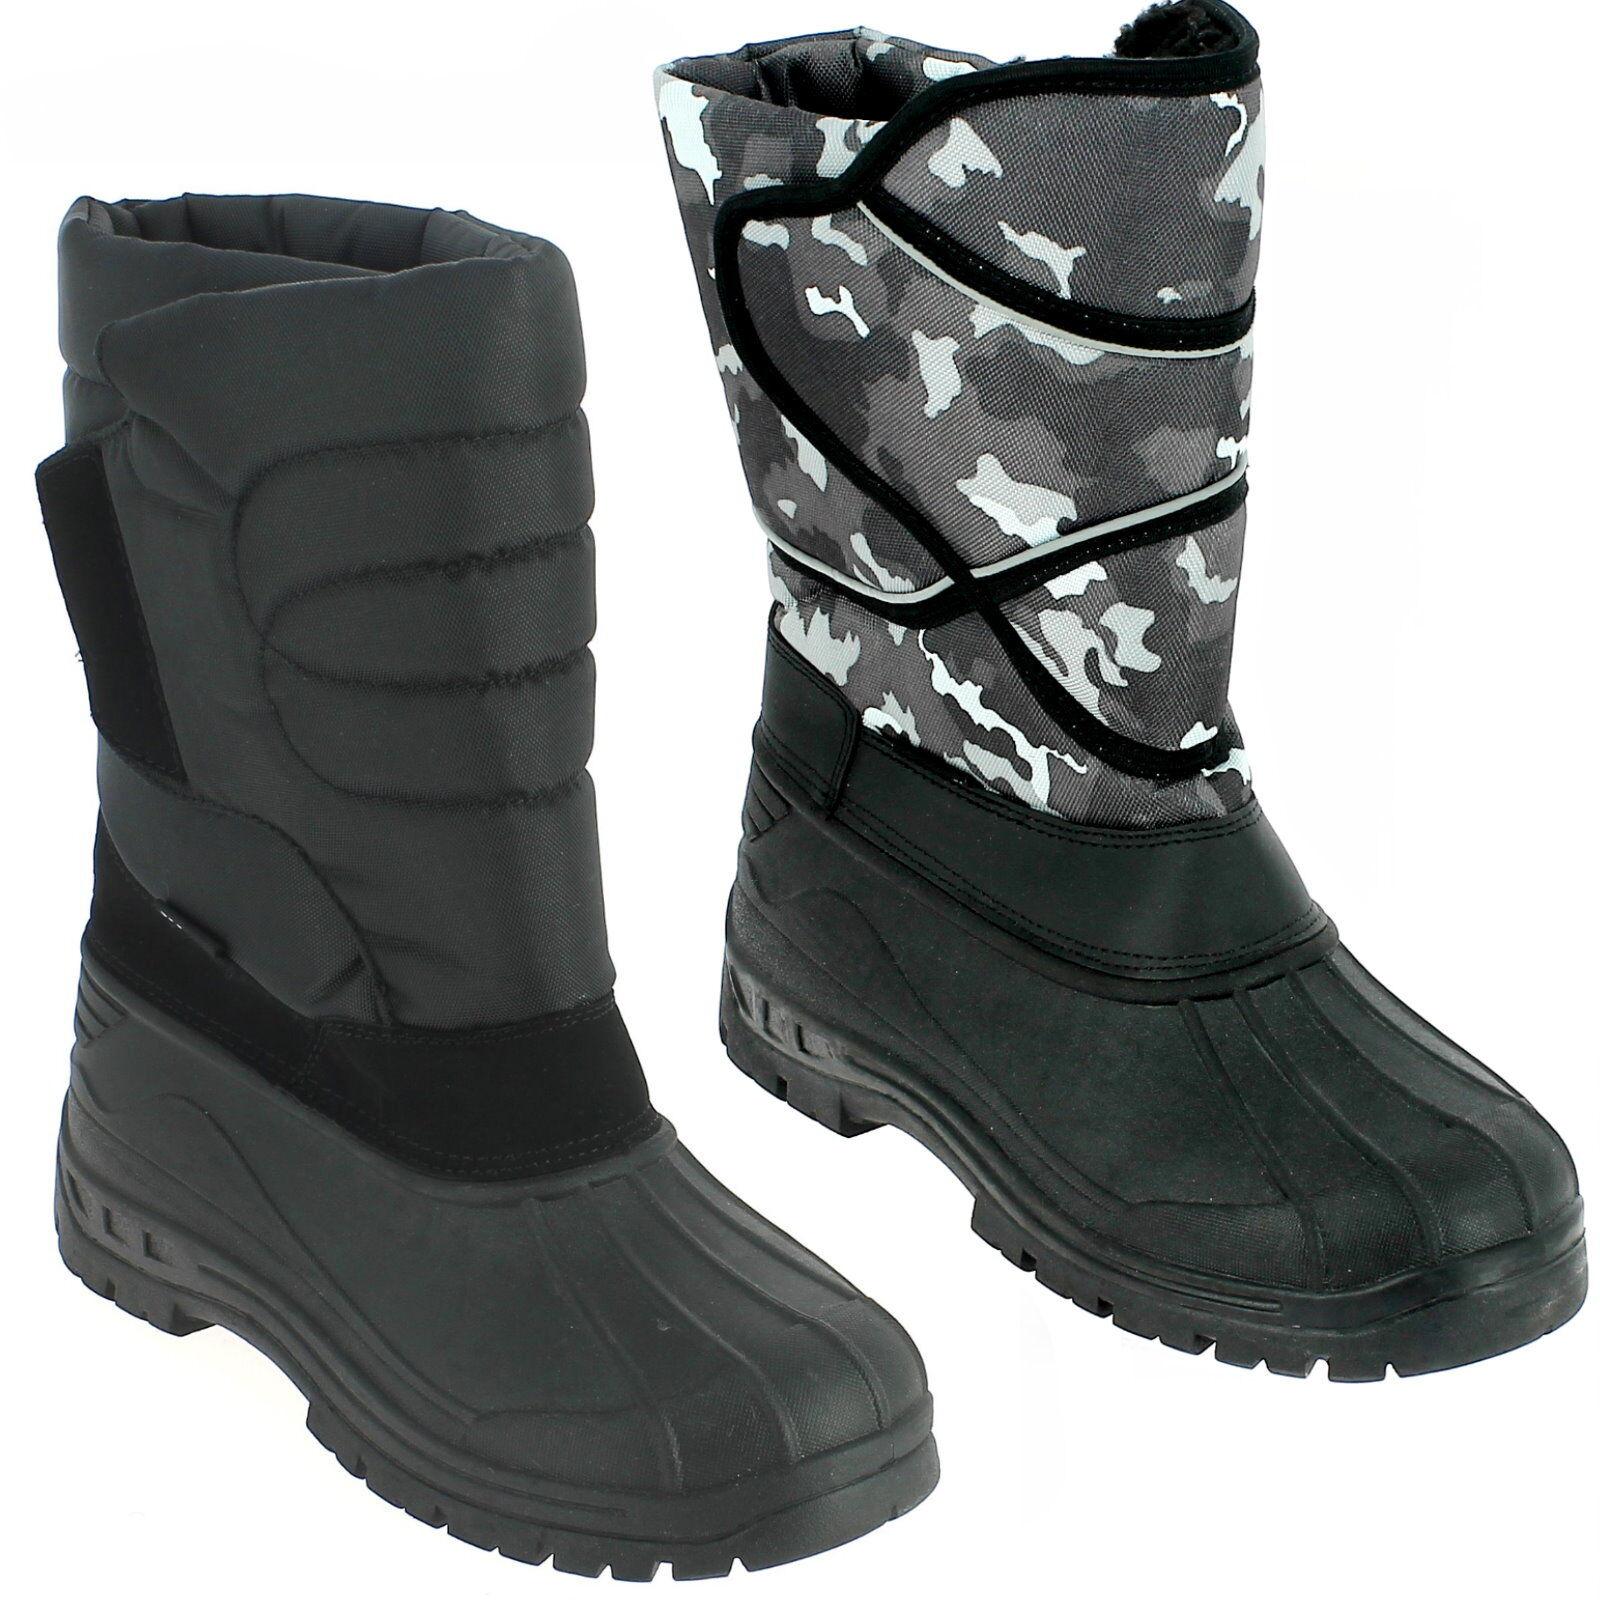 Herren Winterstiefel Schnee Jungen Schnee Stiefel 50%Gr.44 Schuhe Snow  Stiefel 50%Gr.44 Stiefel 45 83fbbc